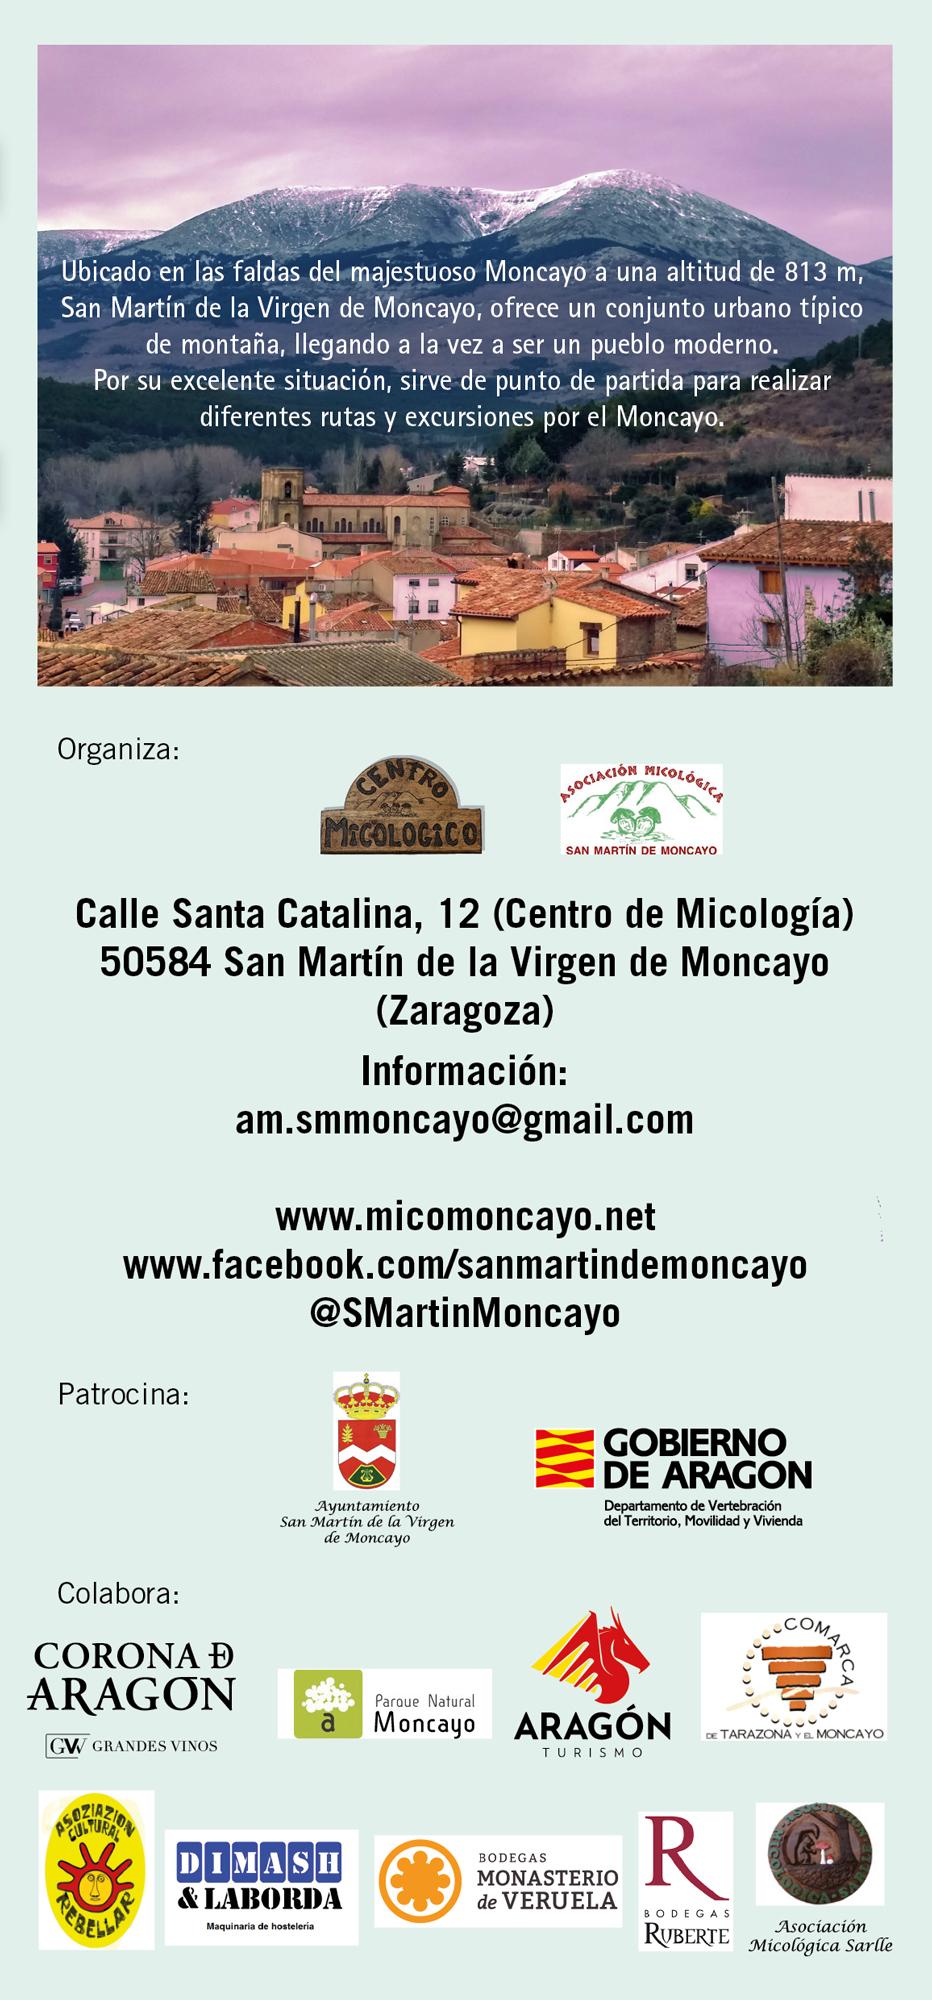 XIV Jornadas Micológicas Otoño 2017 #MicoMoncayo - San Martín de la Virgen de Moncayo - Contacto y colaboraciones